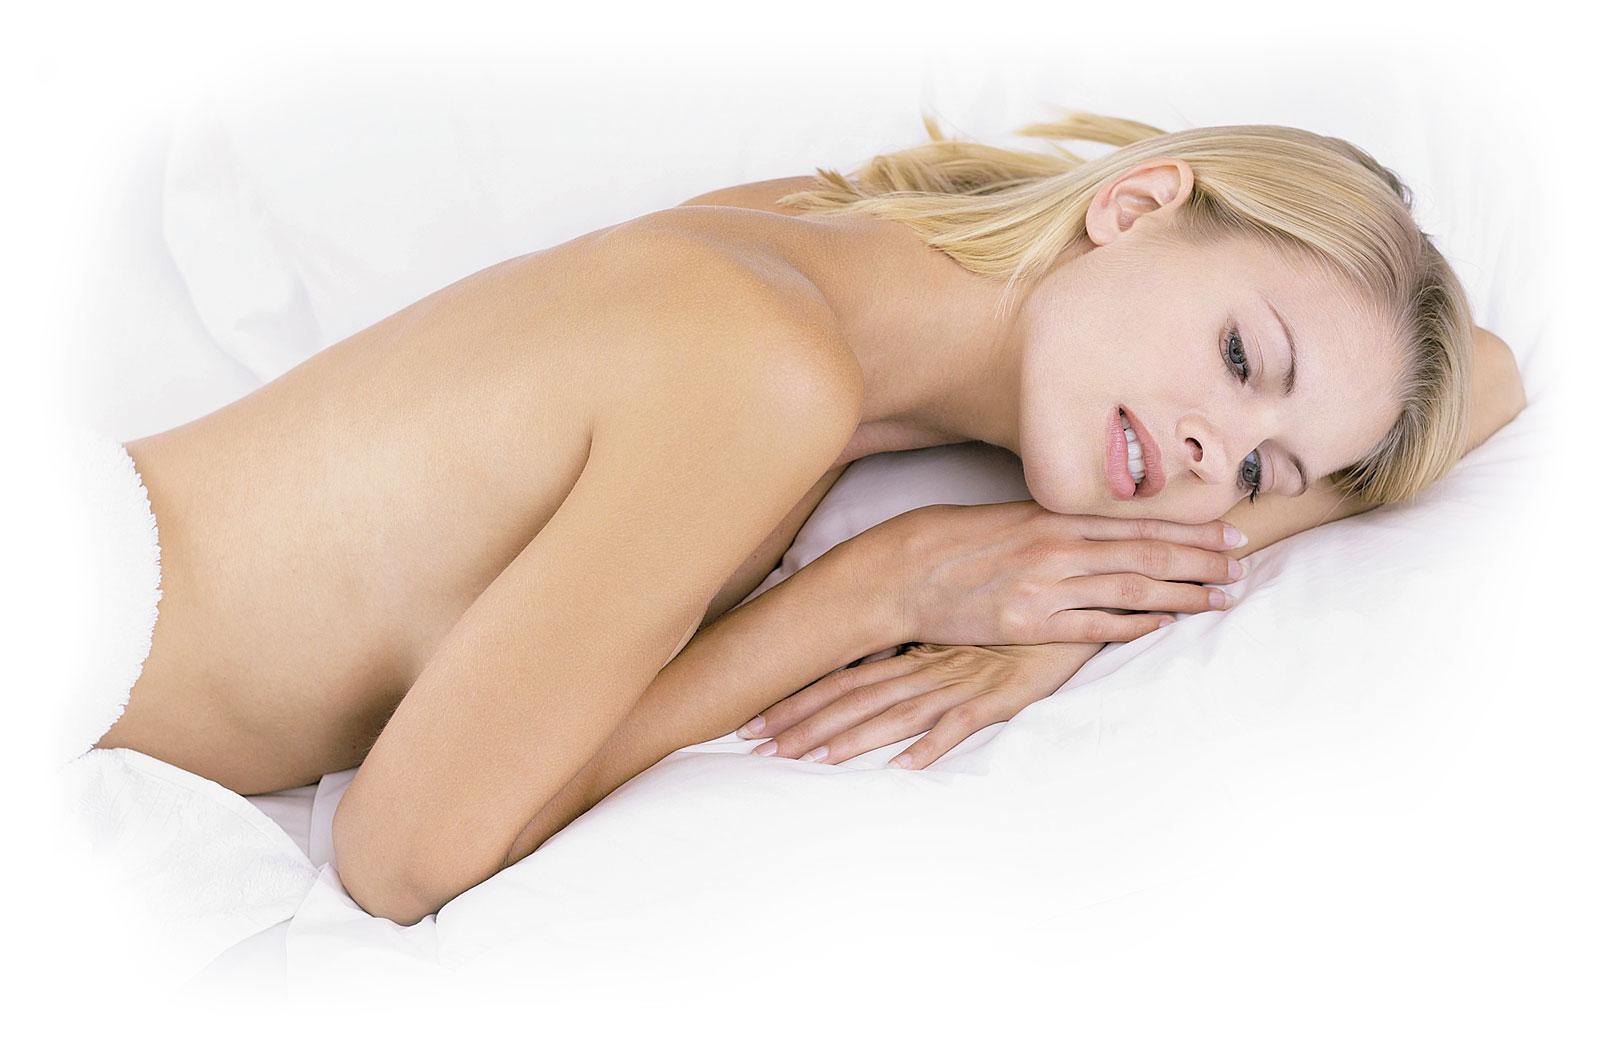 Frau mit blonden Haaren liegt nackt, jedoch verdeckt, in einem Bett mit weißer Bedecke und weißen Laken